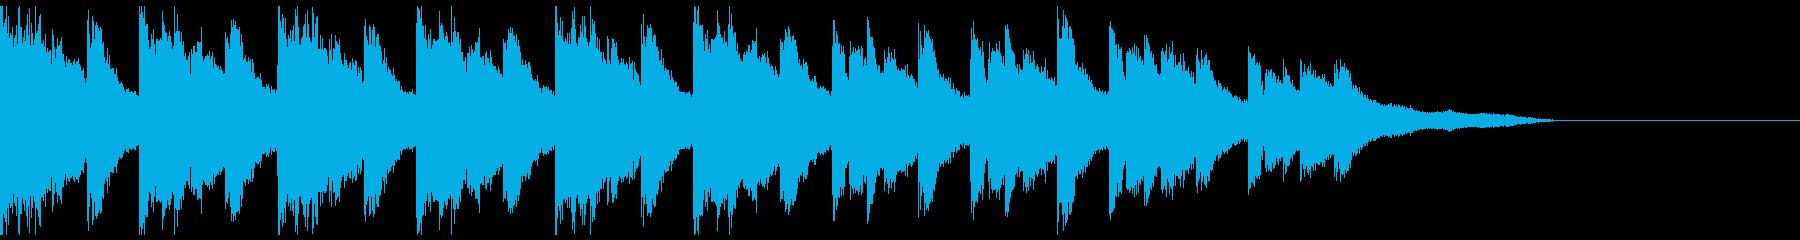 得体の知れない不気味なサスペンス風オケの再生済みの波形